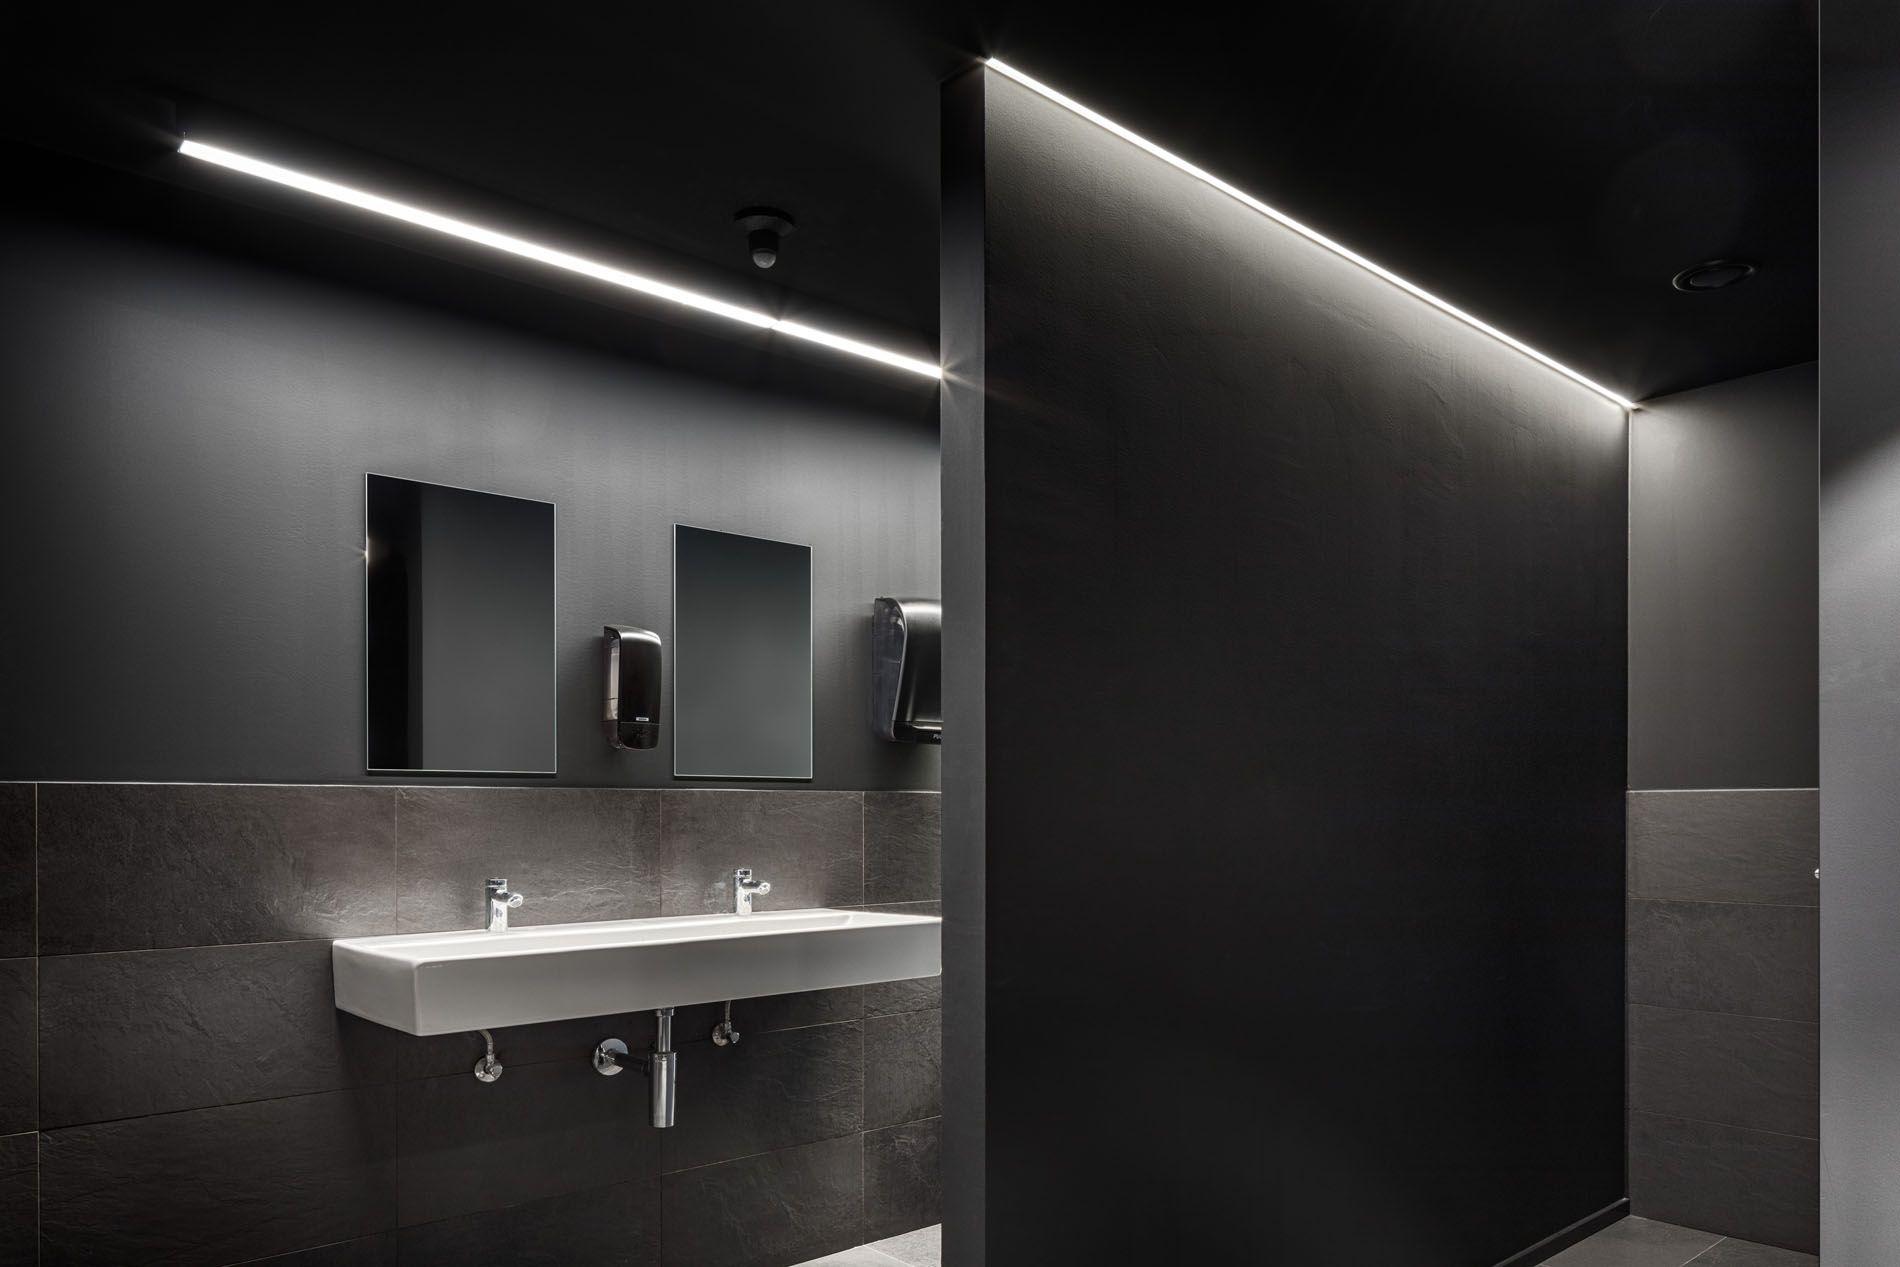 Sld50 Club Brugge Bathroom Lighting Best Bathroom Lighting